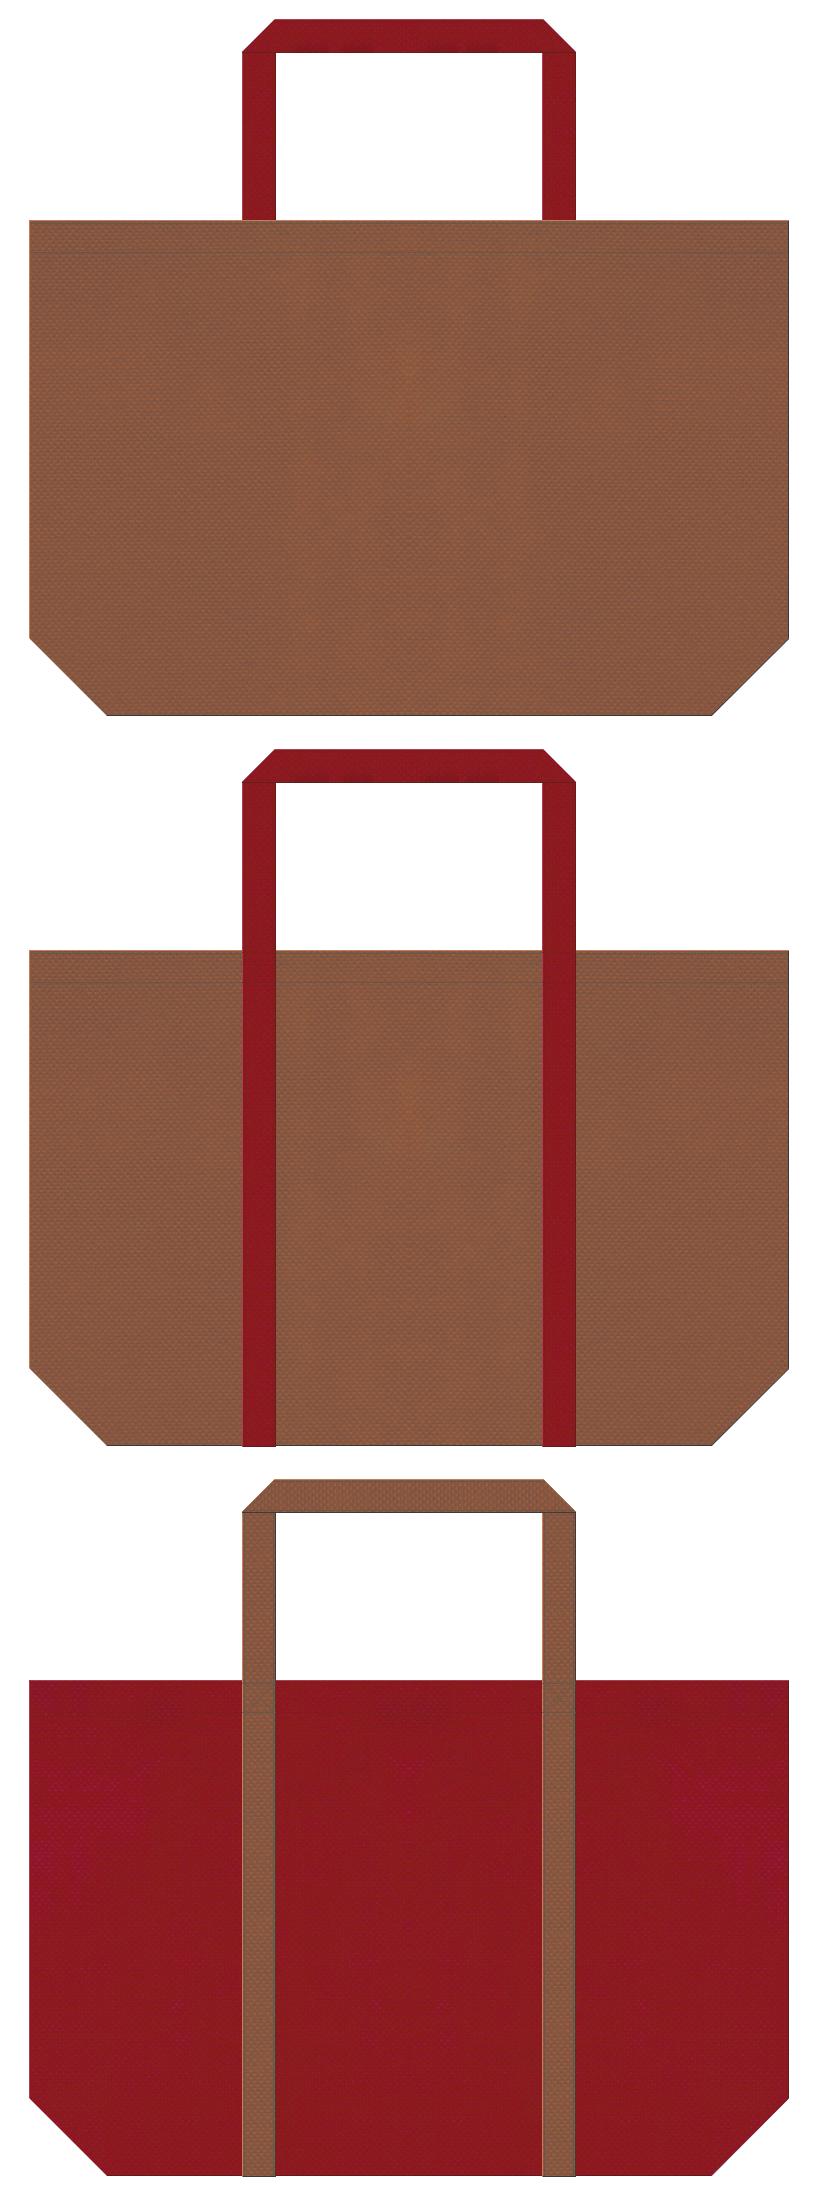 茶色とエンジ色の不織布ショッピングバッグデザイン。ぜんざい・甘味処のイメージにお奨めです。